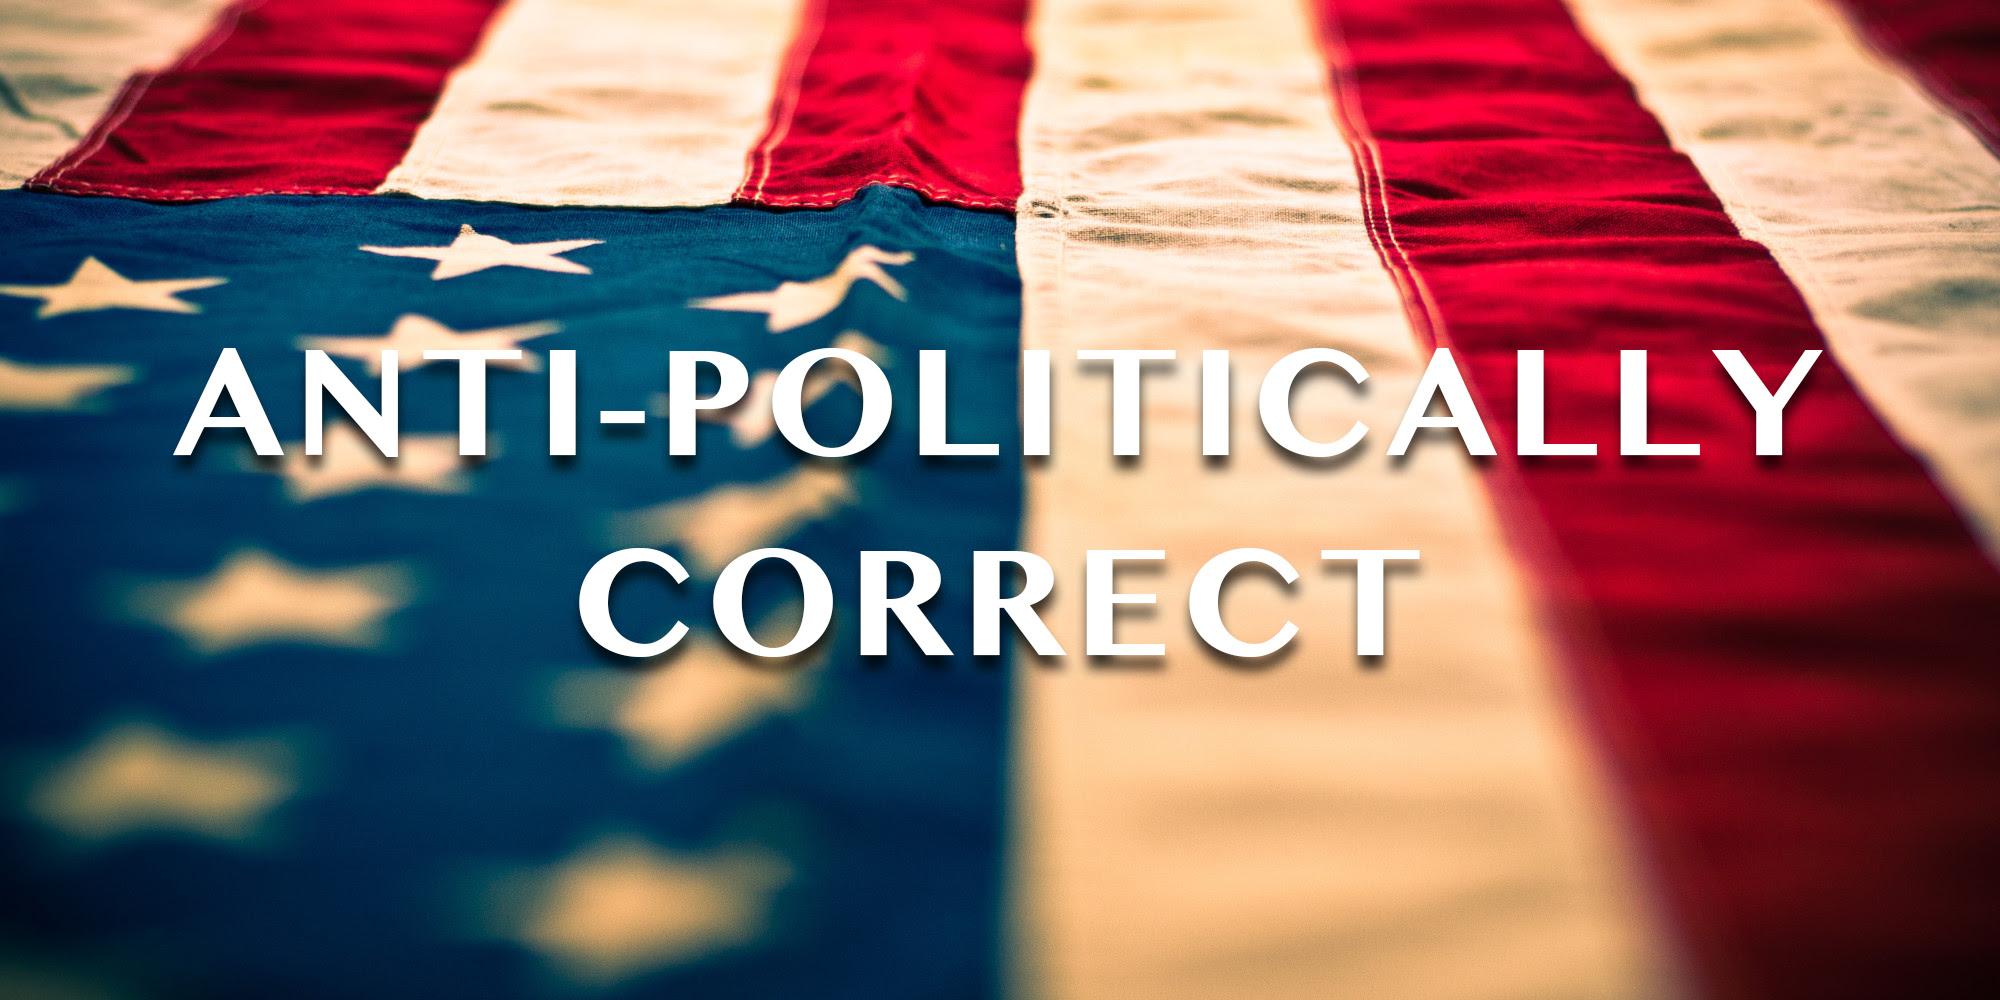 Αποτέλεσμα εικόνας για ANTI POLITICALLY CORRECT